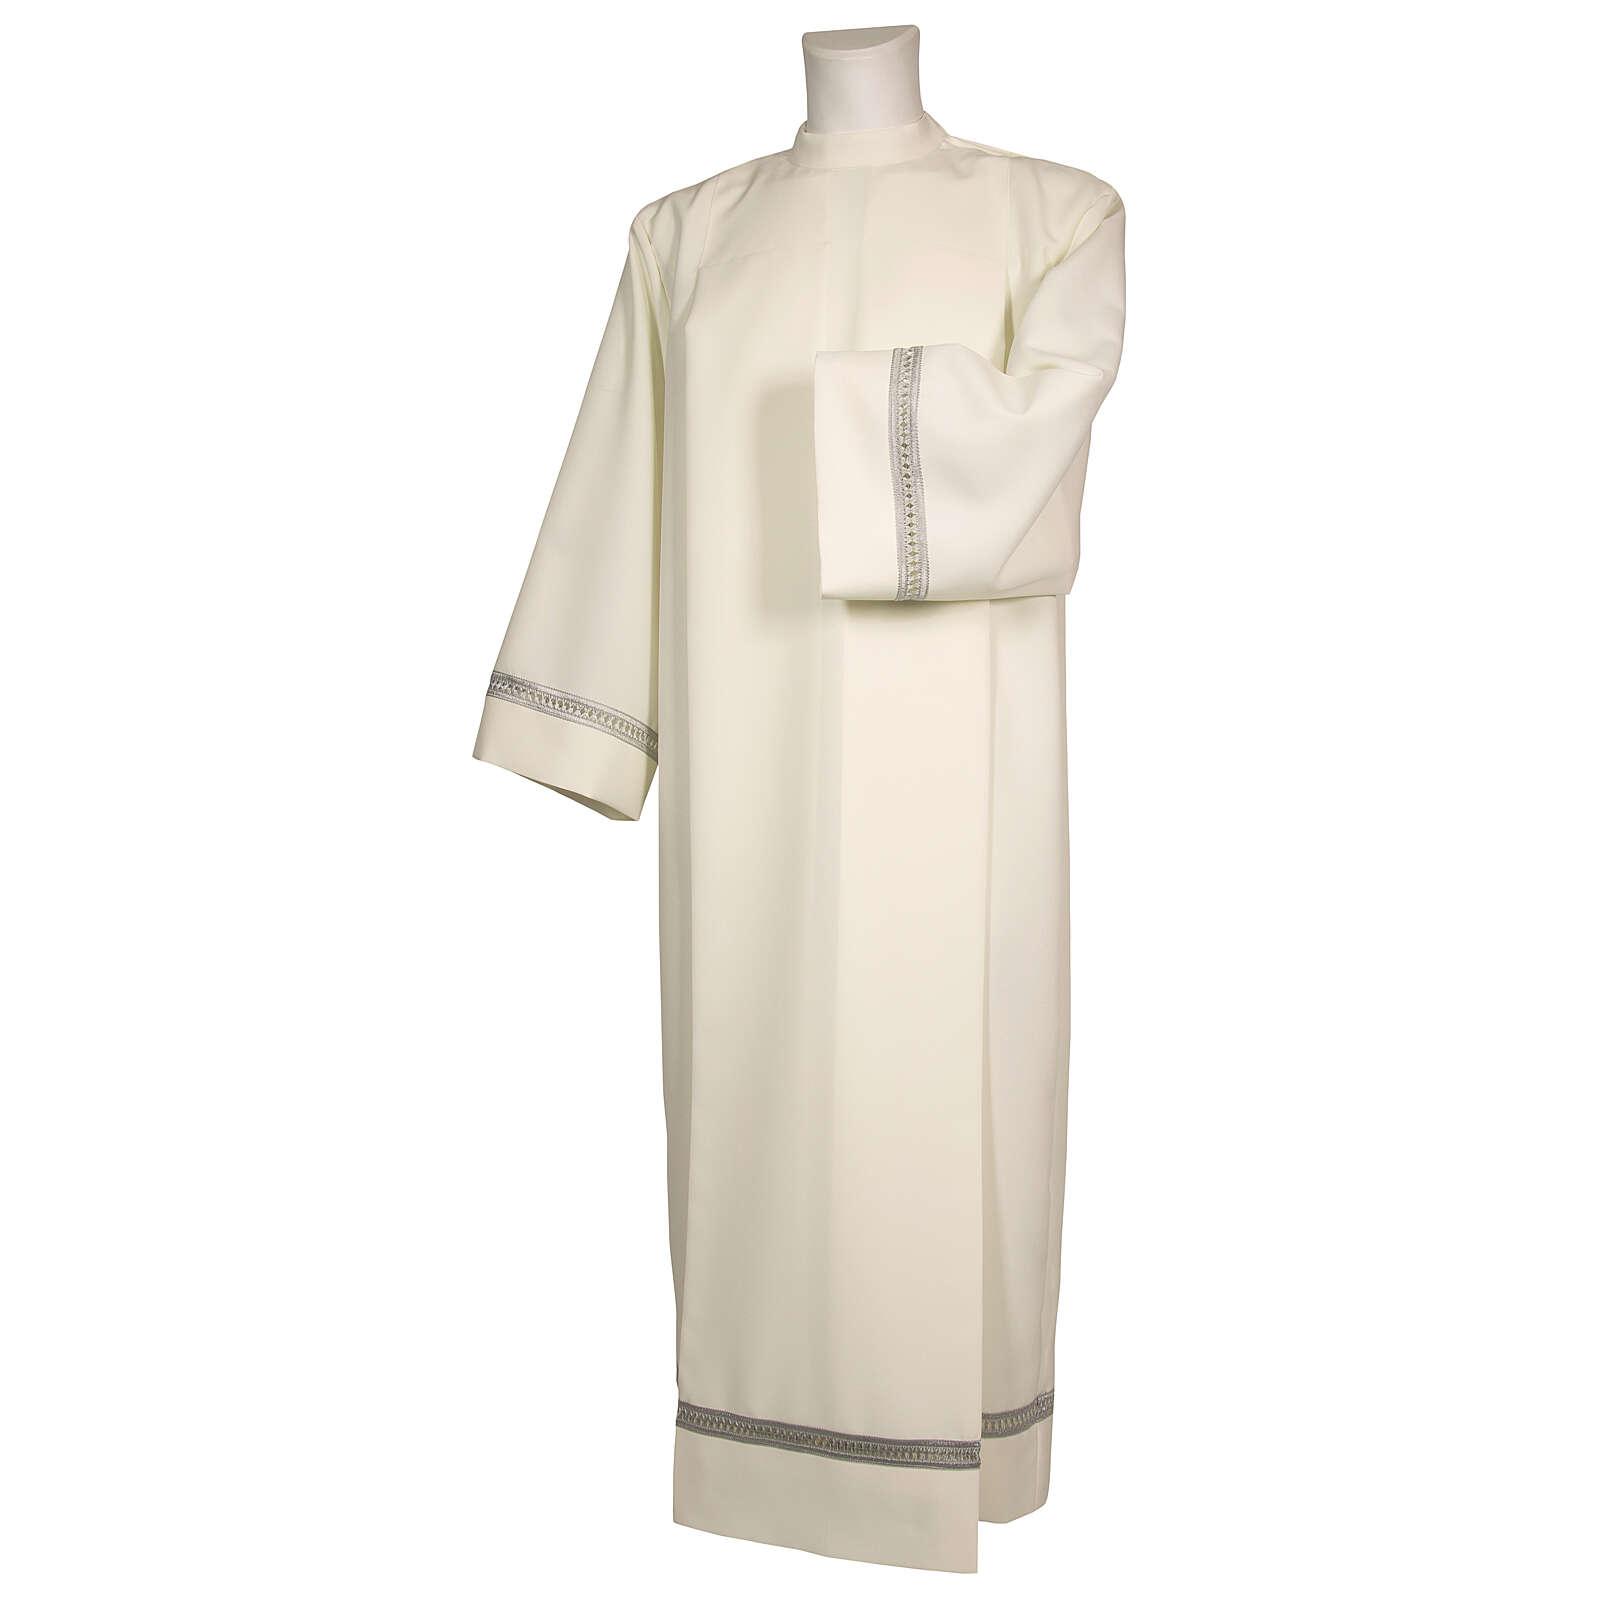 Alva 65% poliéster 35% algodão cor de marfim bainha aberta prateada à máquina fecho de correr ombro 4